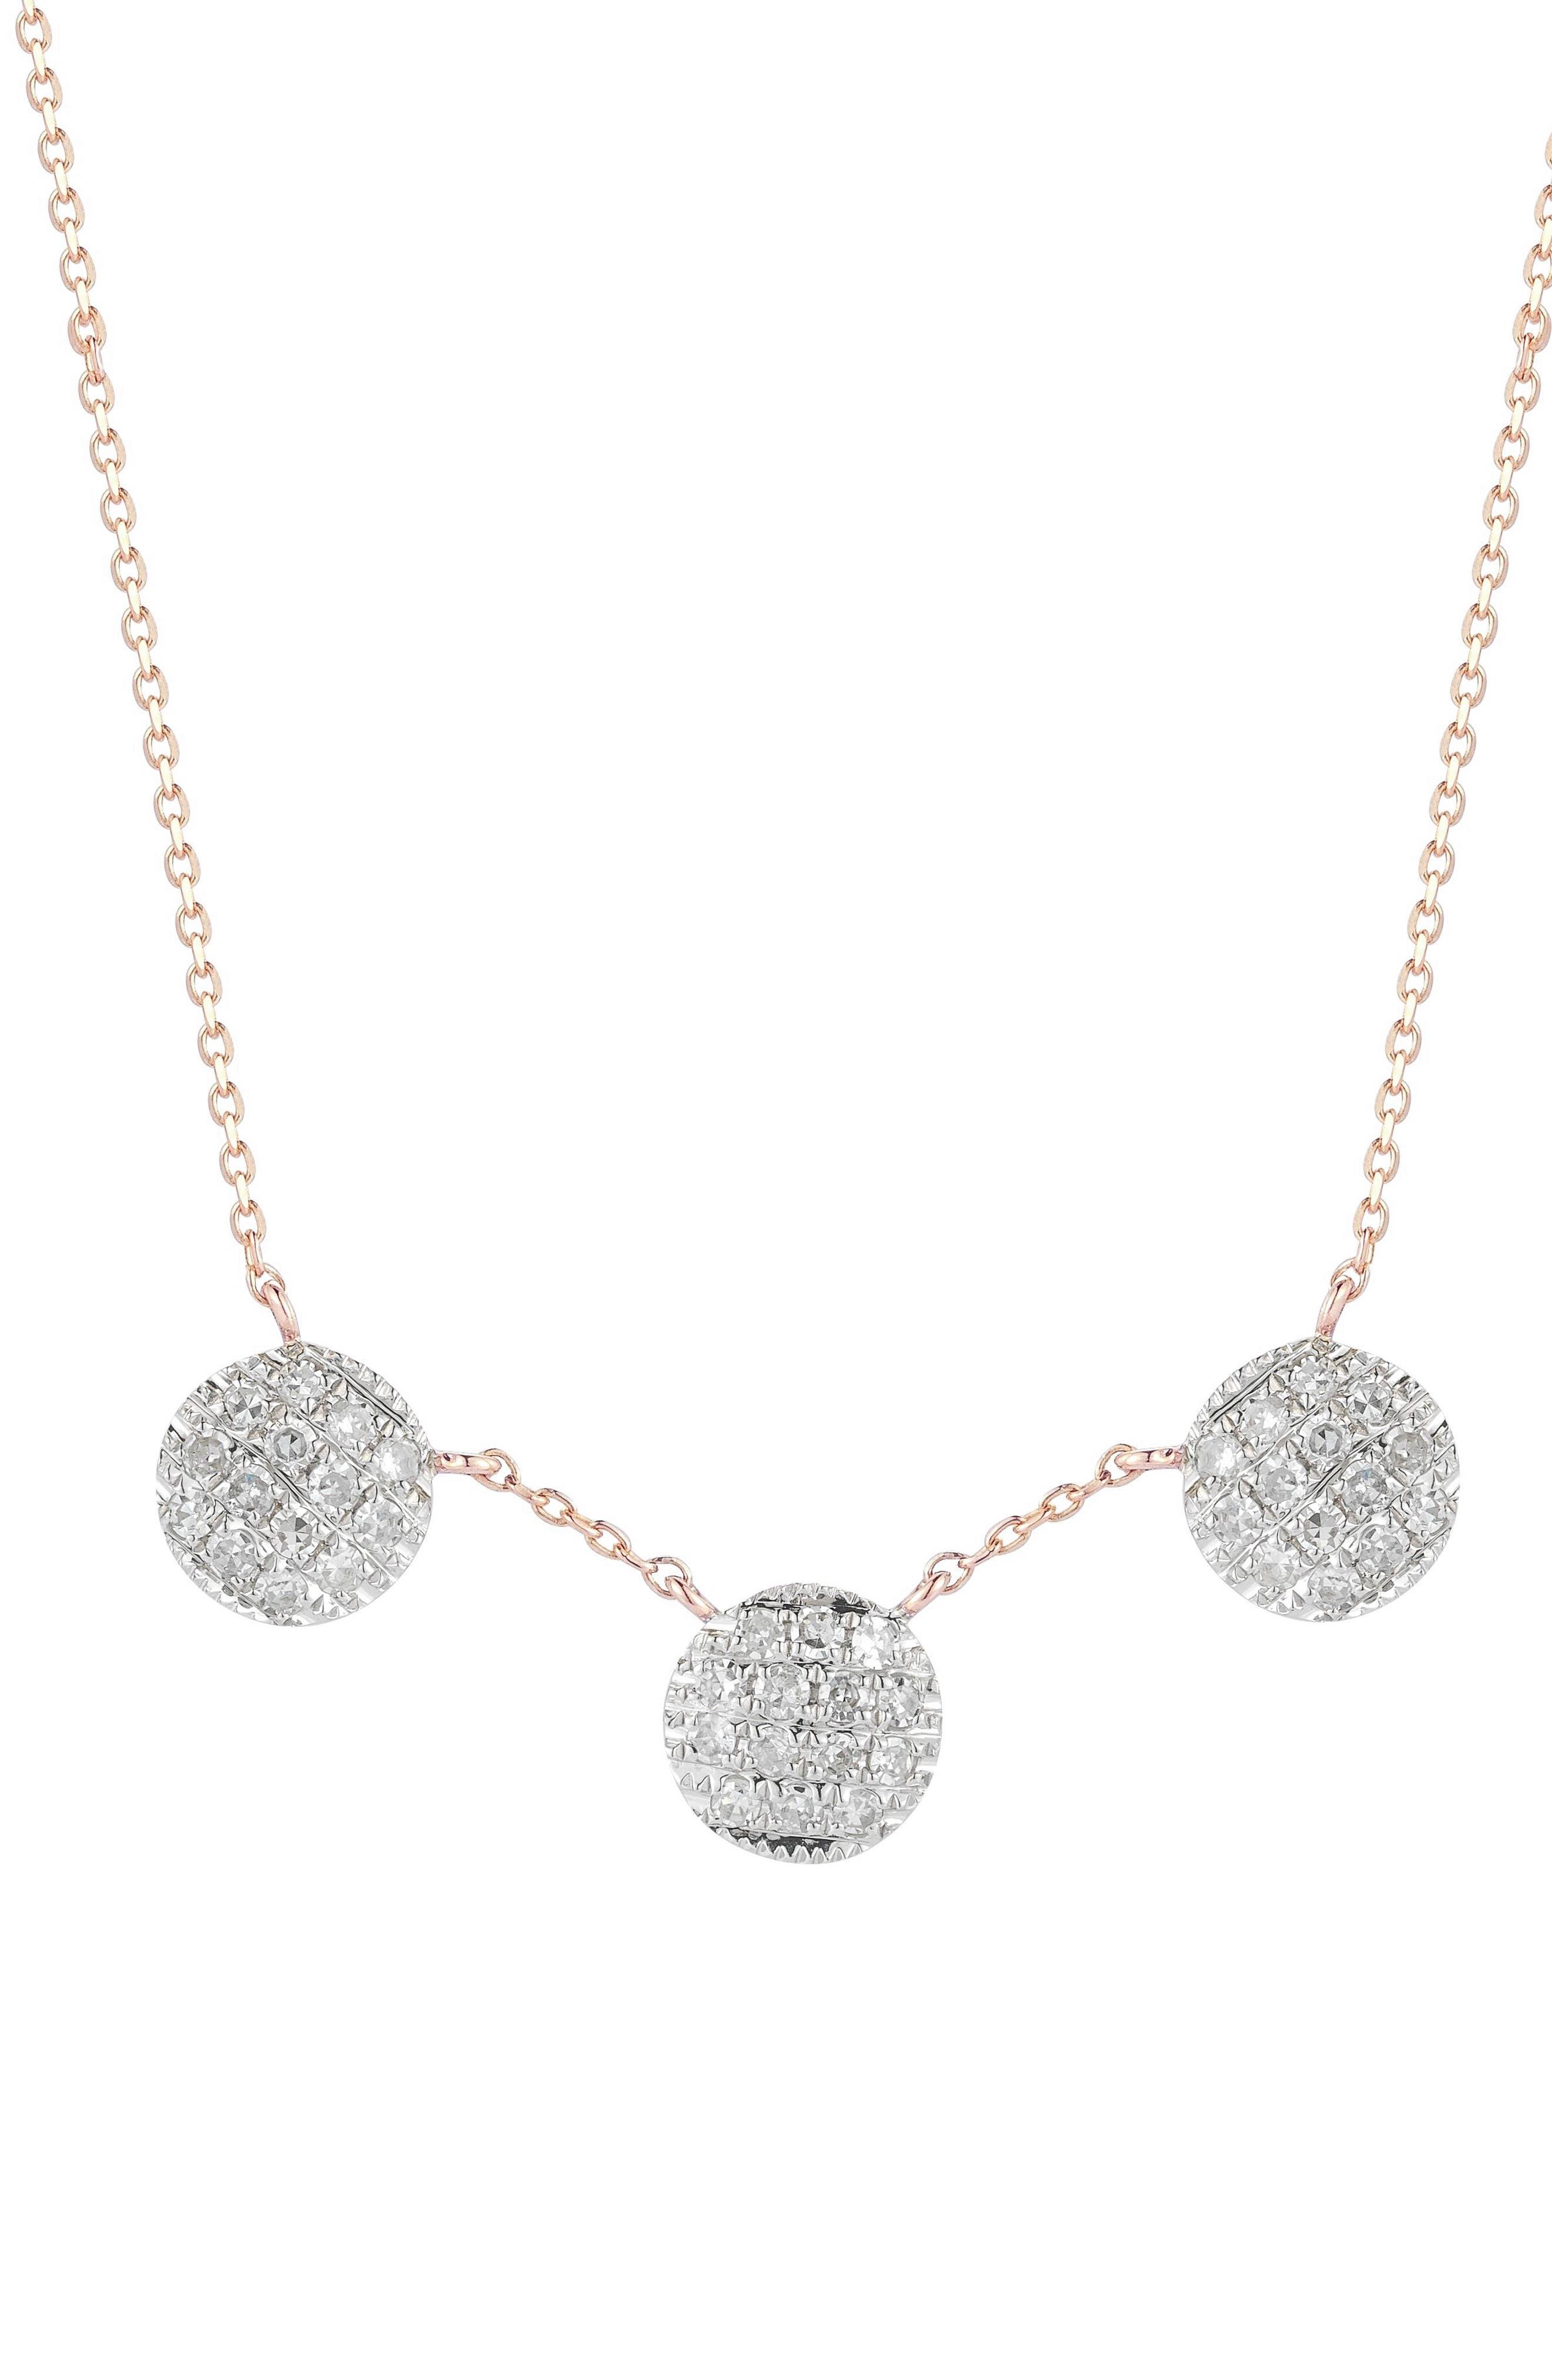 Lauren Joy Three-Disc Diamond Necklace,                             Main thumbnail 3, color,